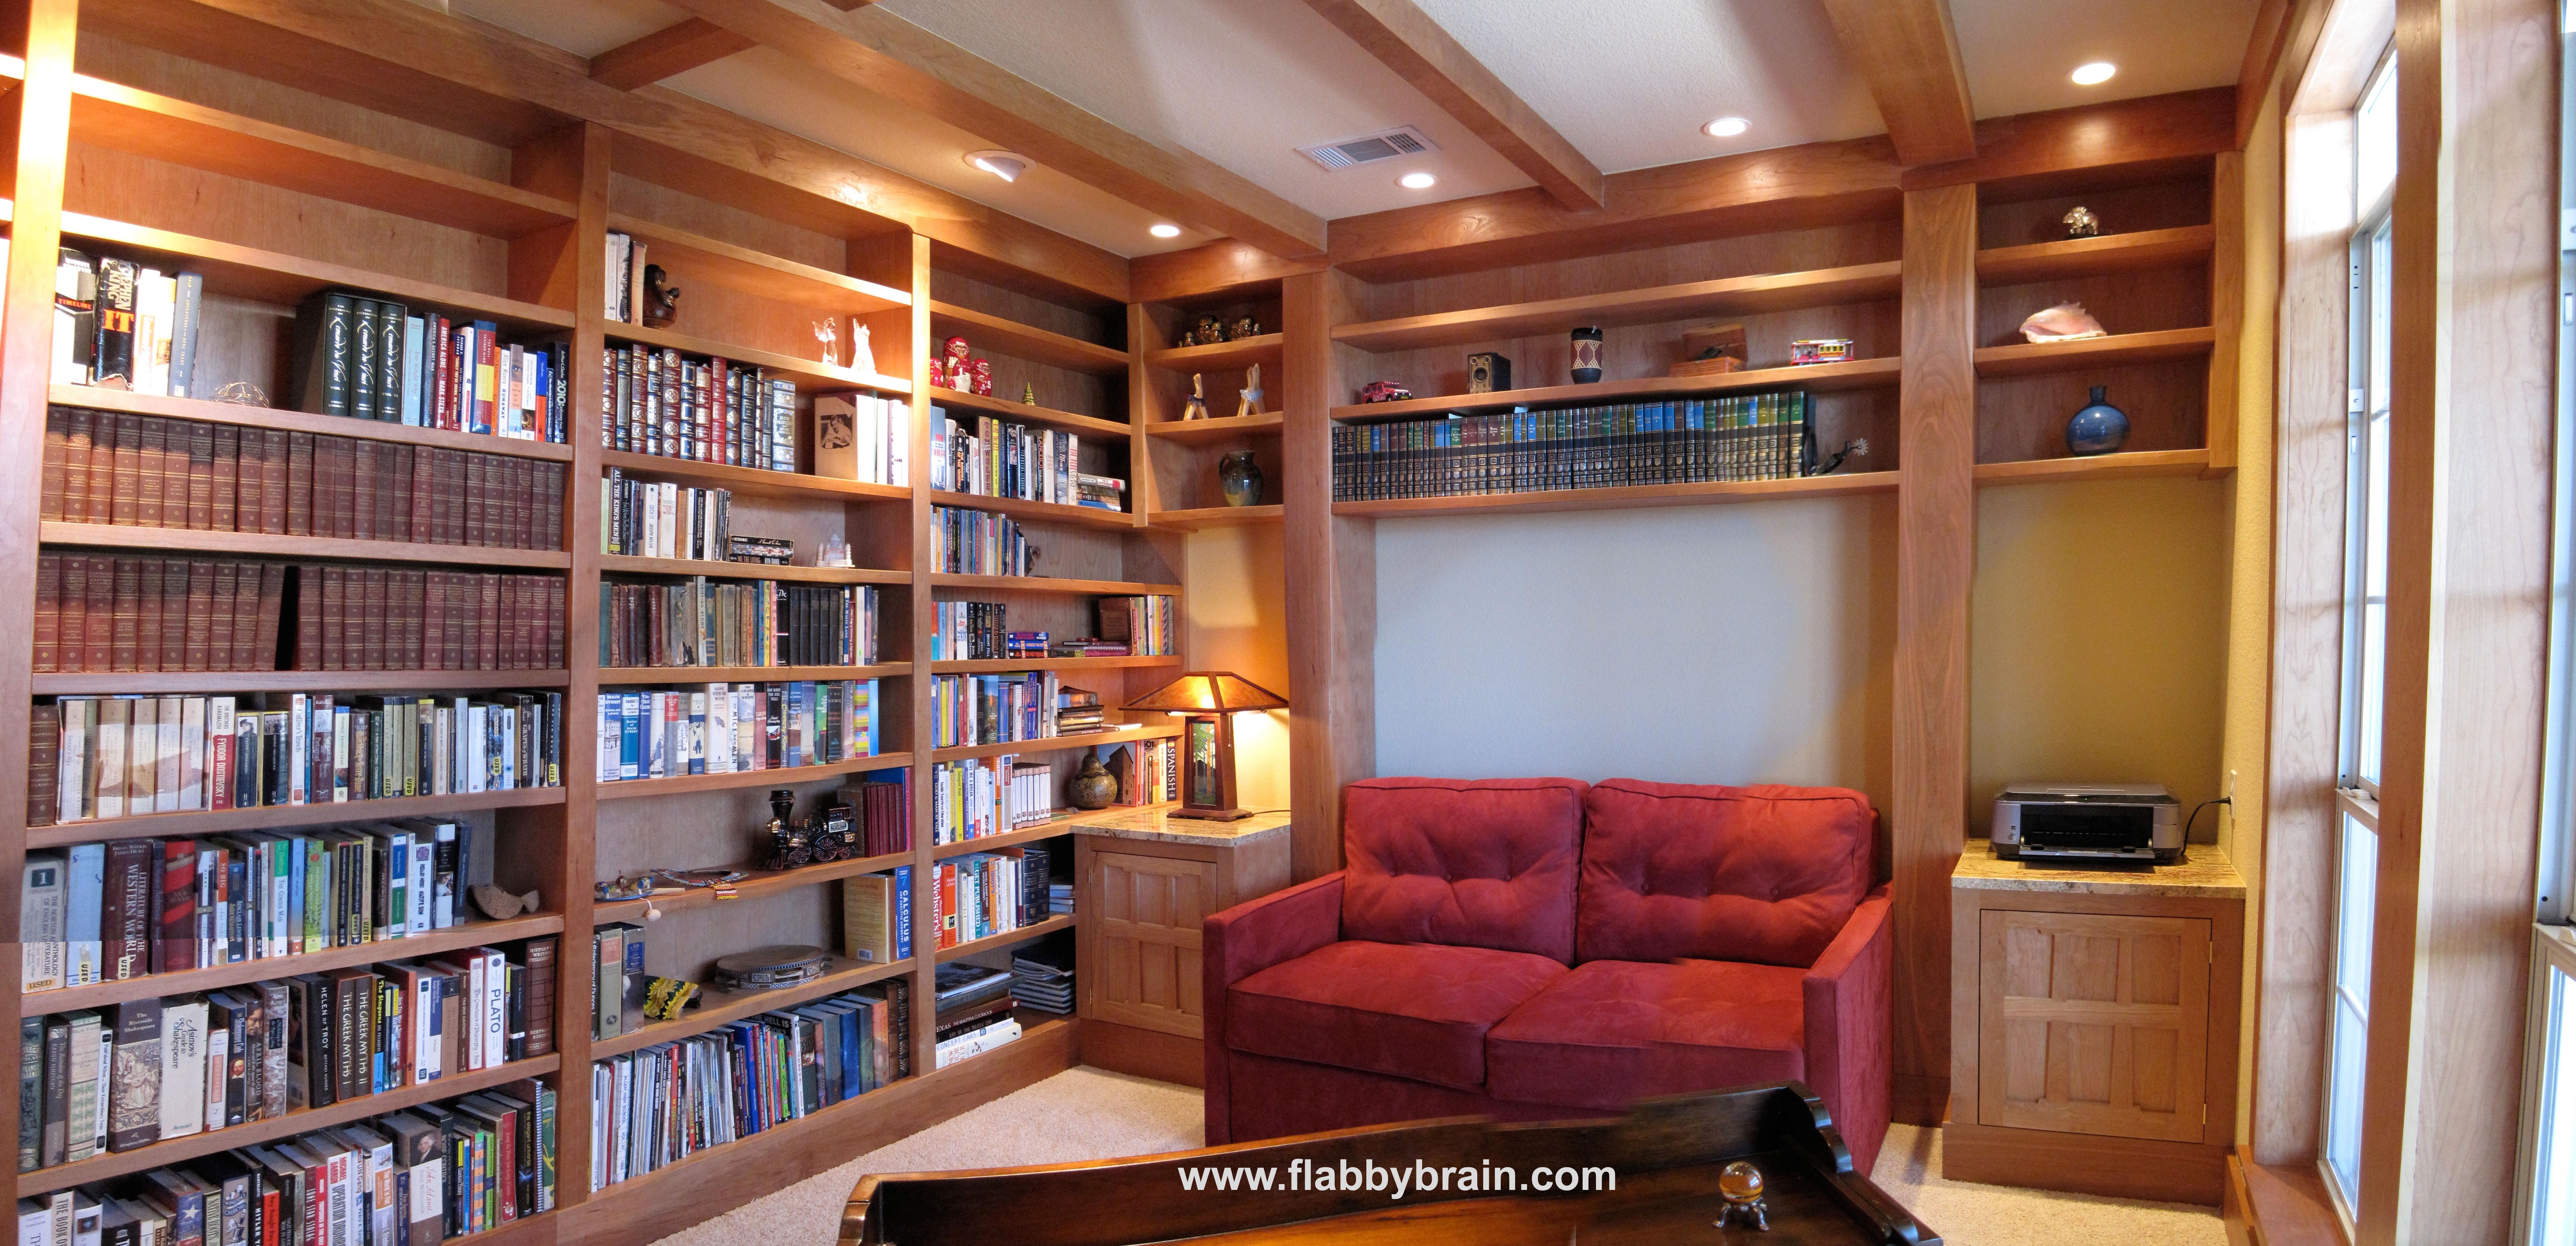 Drawn bookcase big Drawn: – Big the Flabby